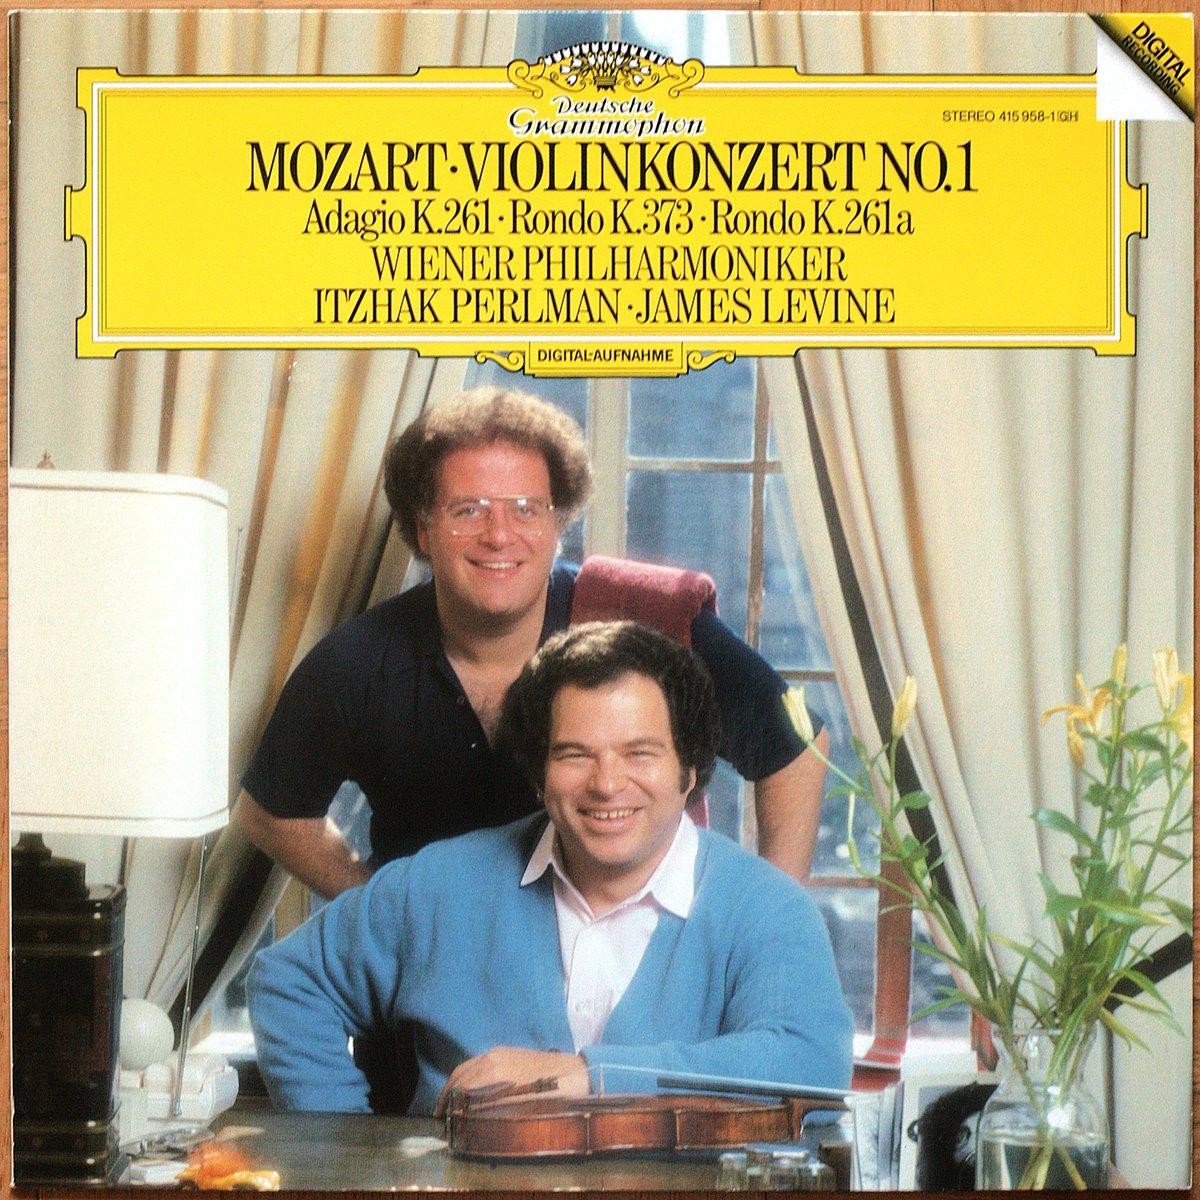 DGG 415 958 Mozart Concerto Violon 1 Perlman Levine DGG Digital Aufnahme